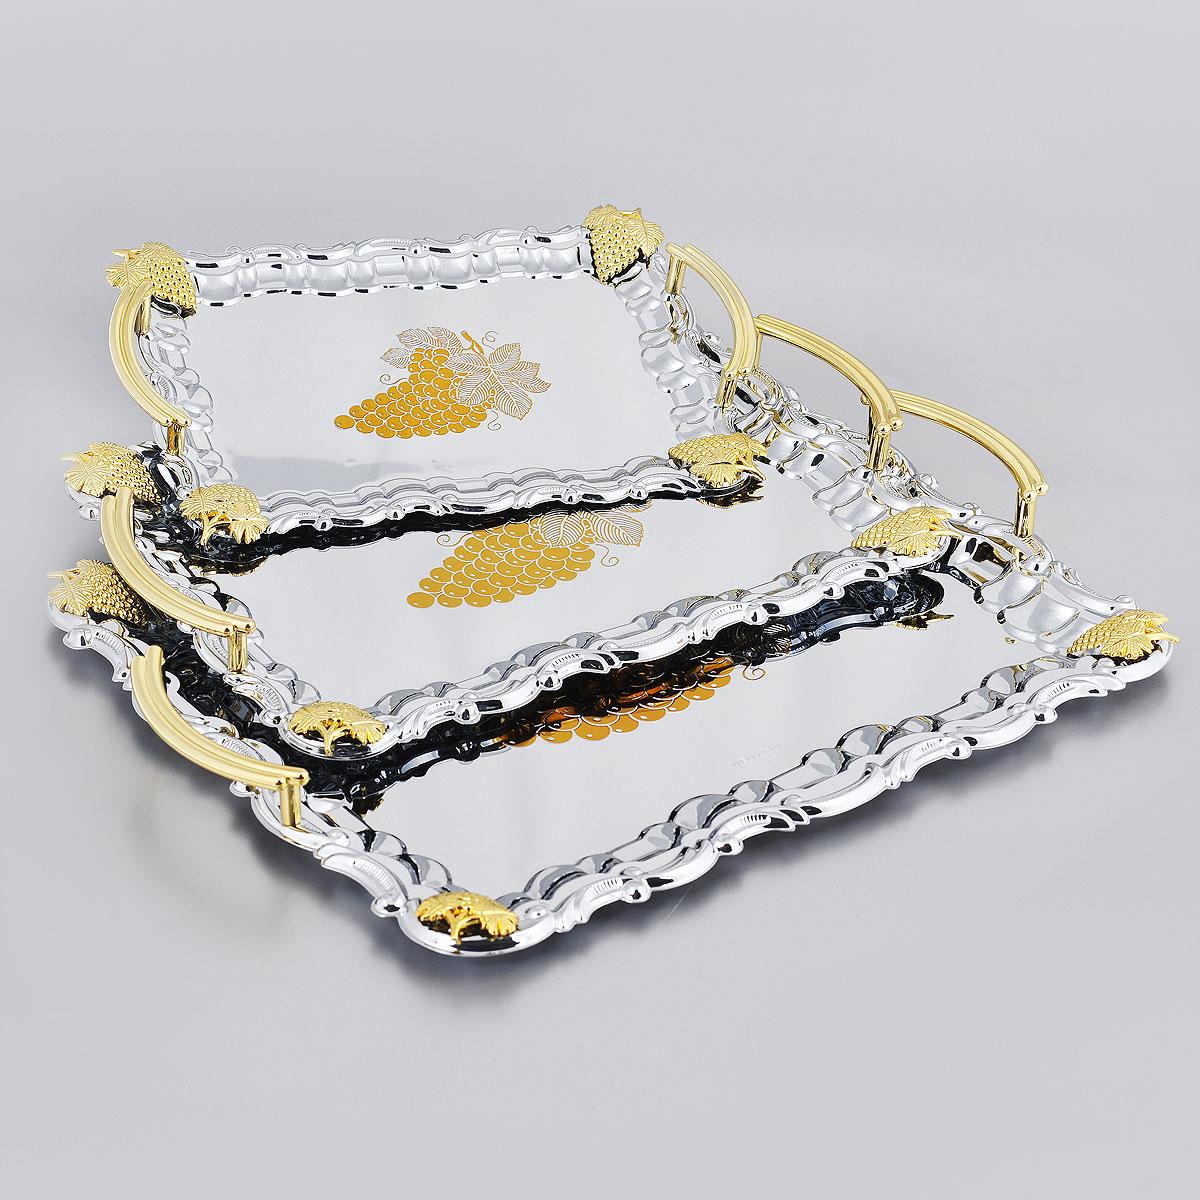 Набор подносов Wellberg Belvedere, 3 шт. 266WB266WBНабор Wellberg Belvedere состоит из трех сервировочных подносов разного размера. Подносы изготовлены из высококачественной хромированной стали. Они имеют прямоугольную форму и оформлены изображением виноградной грозди, декоративными элементами и ручками золотистого цвета.Подносы отлично подойдут для подачи рыбных блюд, а традиционные блюда будут выглядеть на них более аппетитно. Благодаря оригинальному дизайну сервировочные подносы придадут элегантный вид любому обеденному столу.Не рекомендуется мыть в посудомоечной машине. Размер малого подноса: 26,4 см х 19 см. Размер среднего подноса: 33,5 см х 24 см. Размер большого подноса: 39,5 см х 32,5 см.